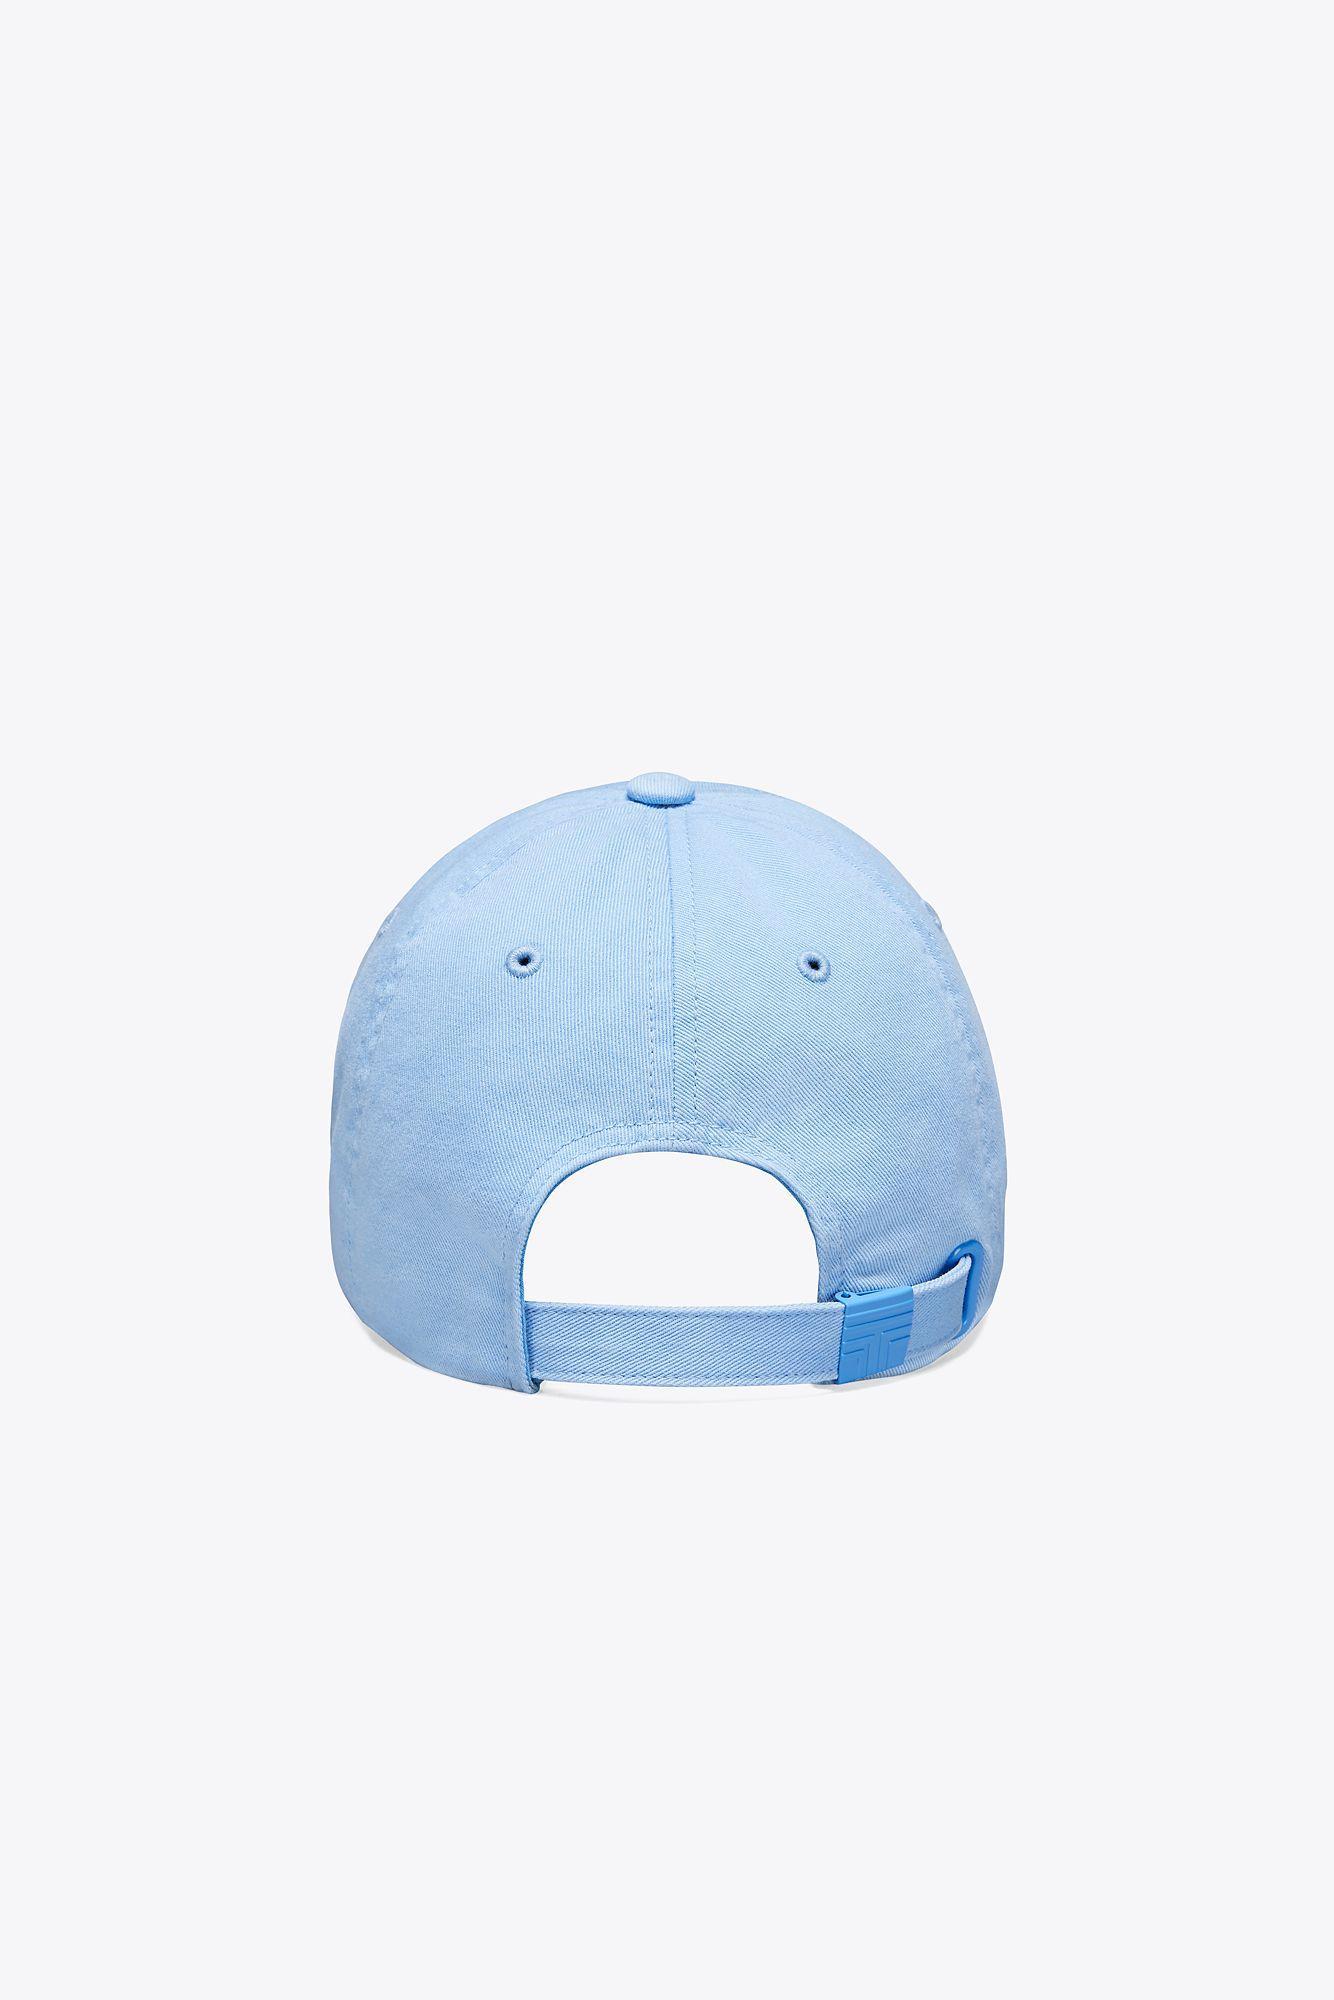 Lyst - Tory Sport Tory Burch Love Cap in Blue 599582a93694